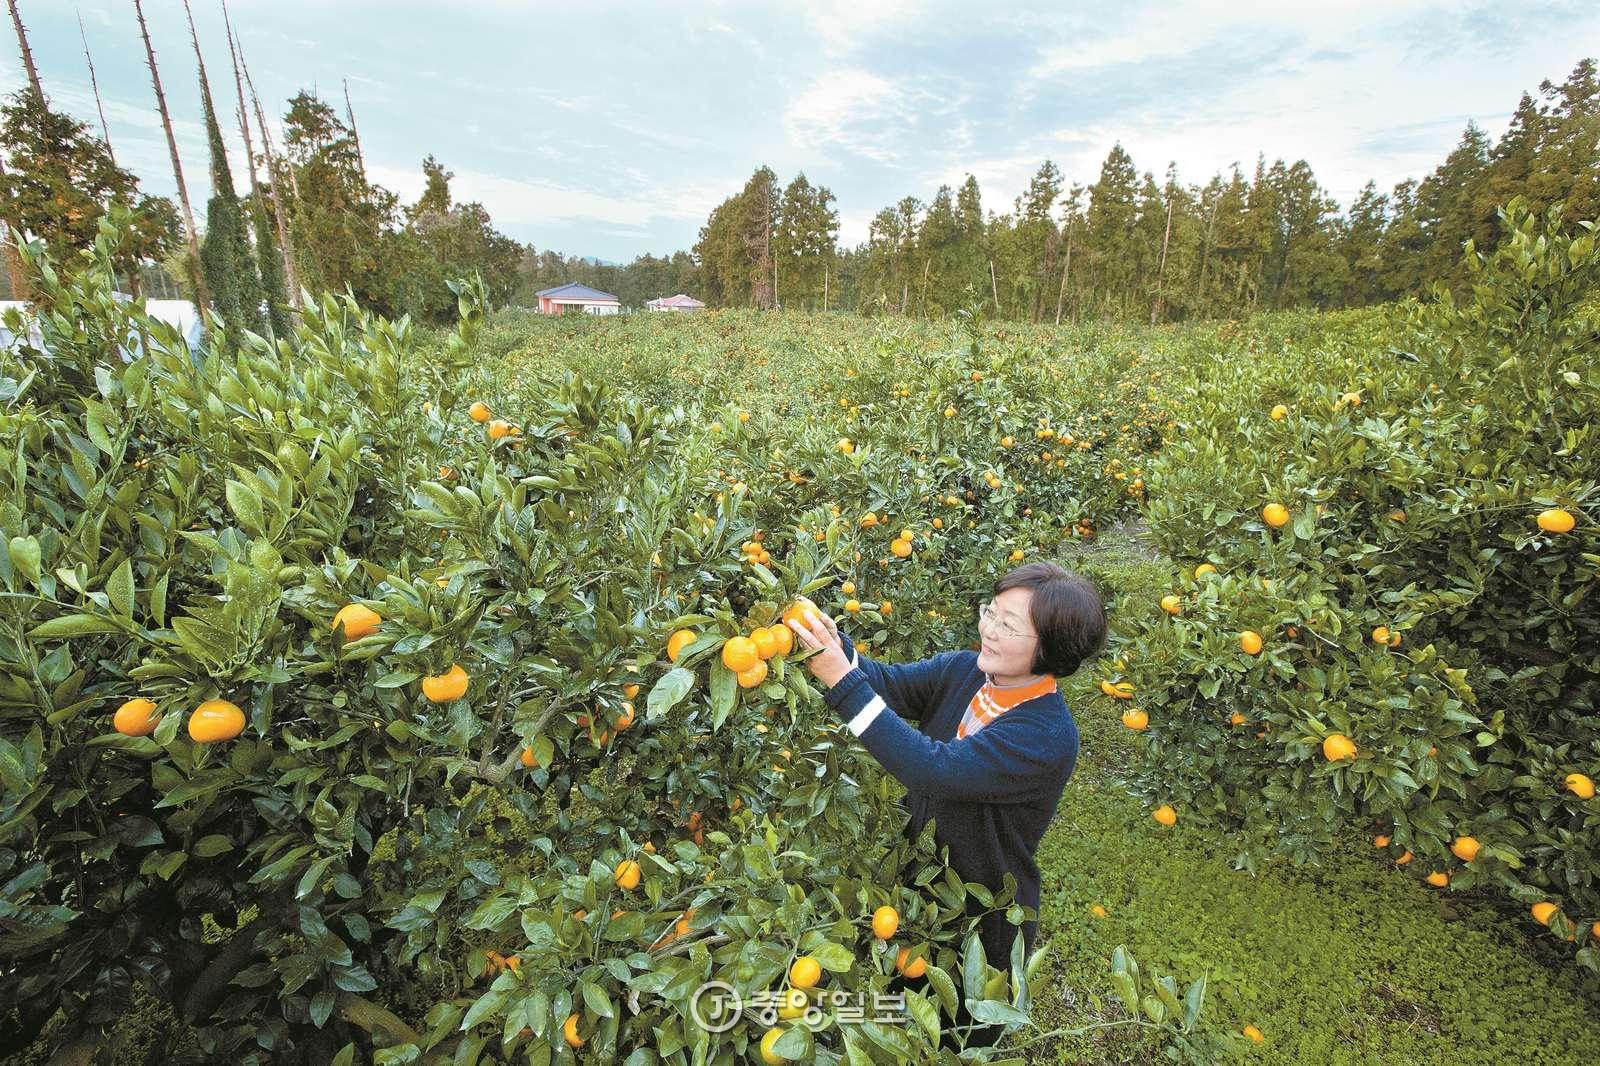 우리나라 밀감의 70%가 제주도 서귀포시에서 생산된다. 노란 밀감이 달린 귤나무 밭은 서귀포의겨울을 상징하는 풍경이다. 보기만 해도 싱그러운 귤 향기가 전해질 듯하다.